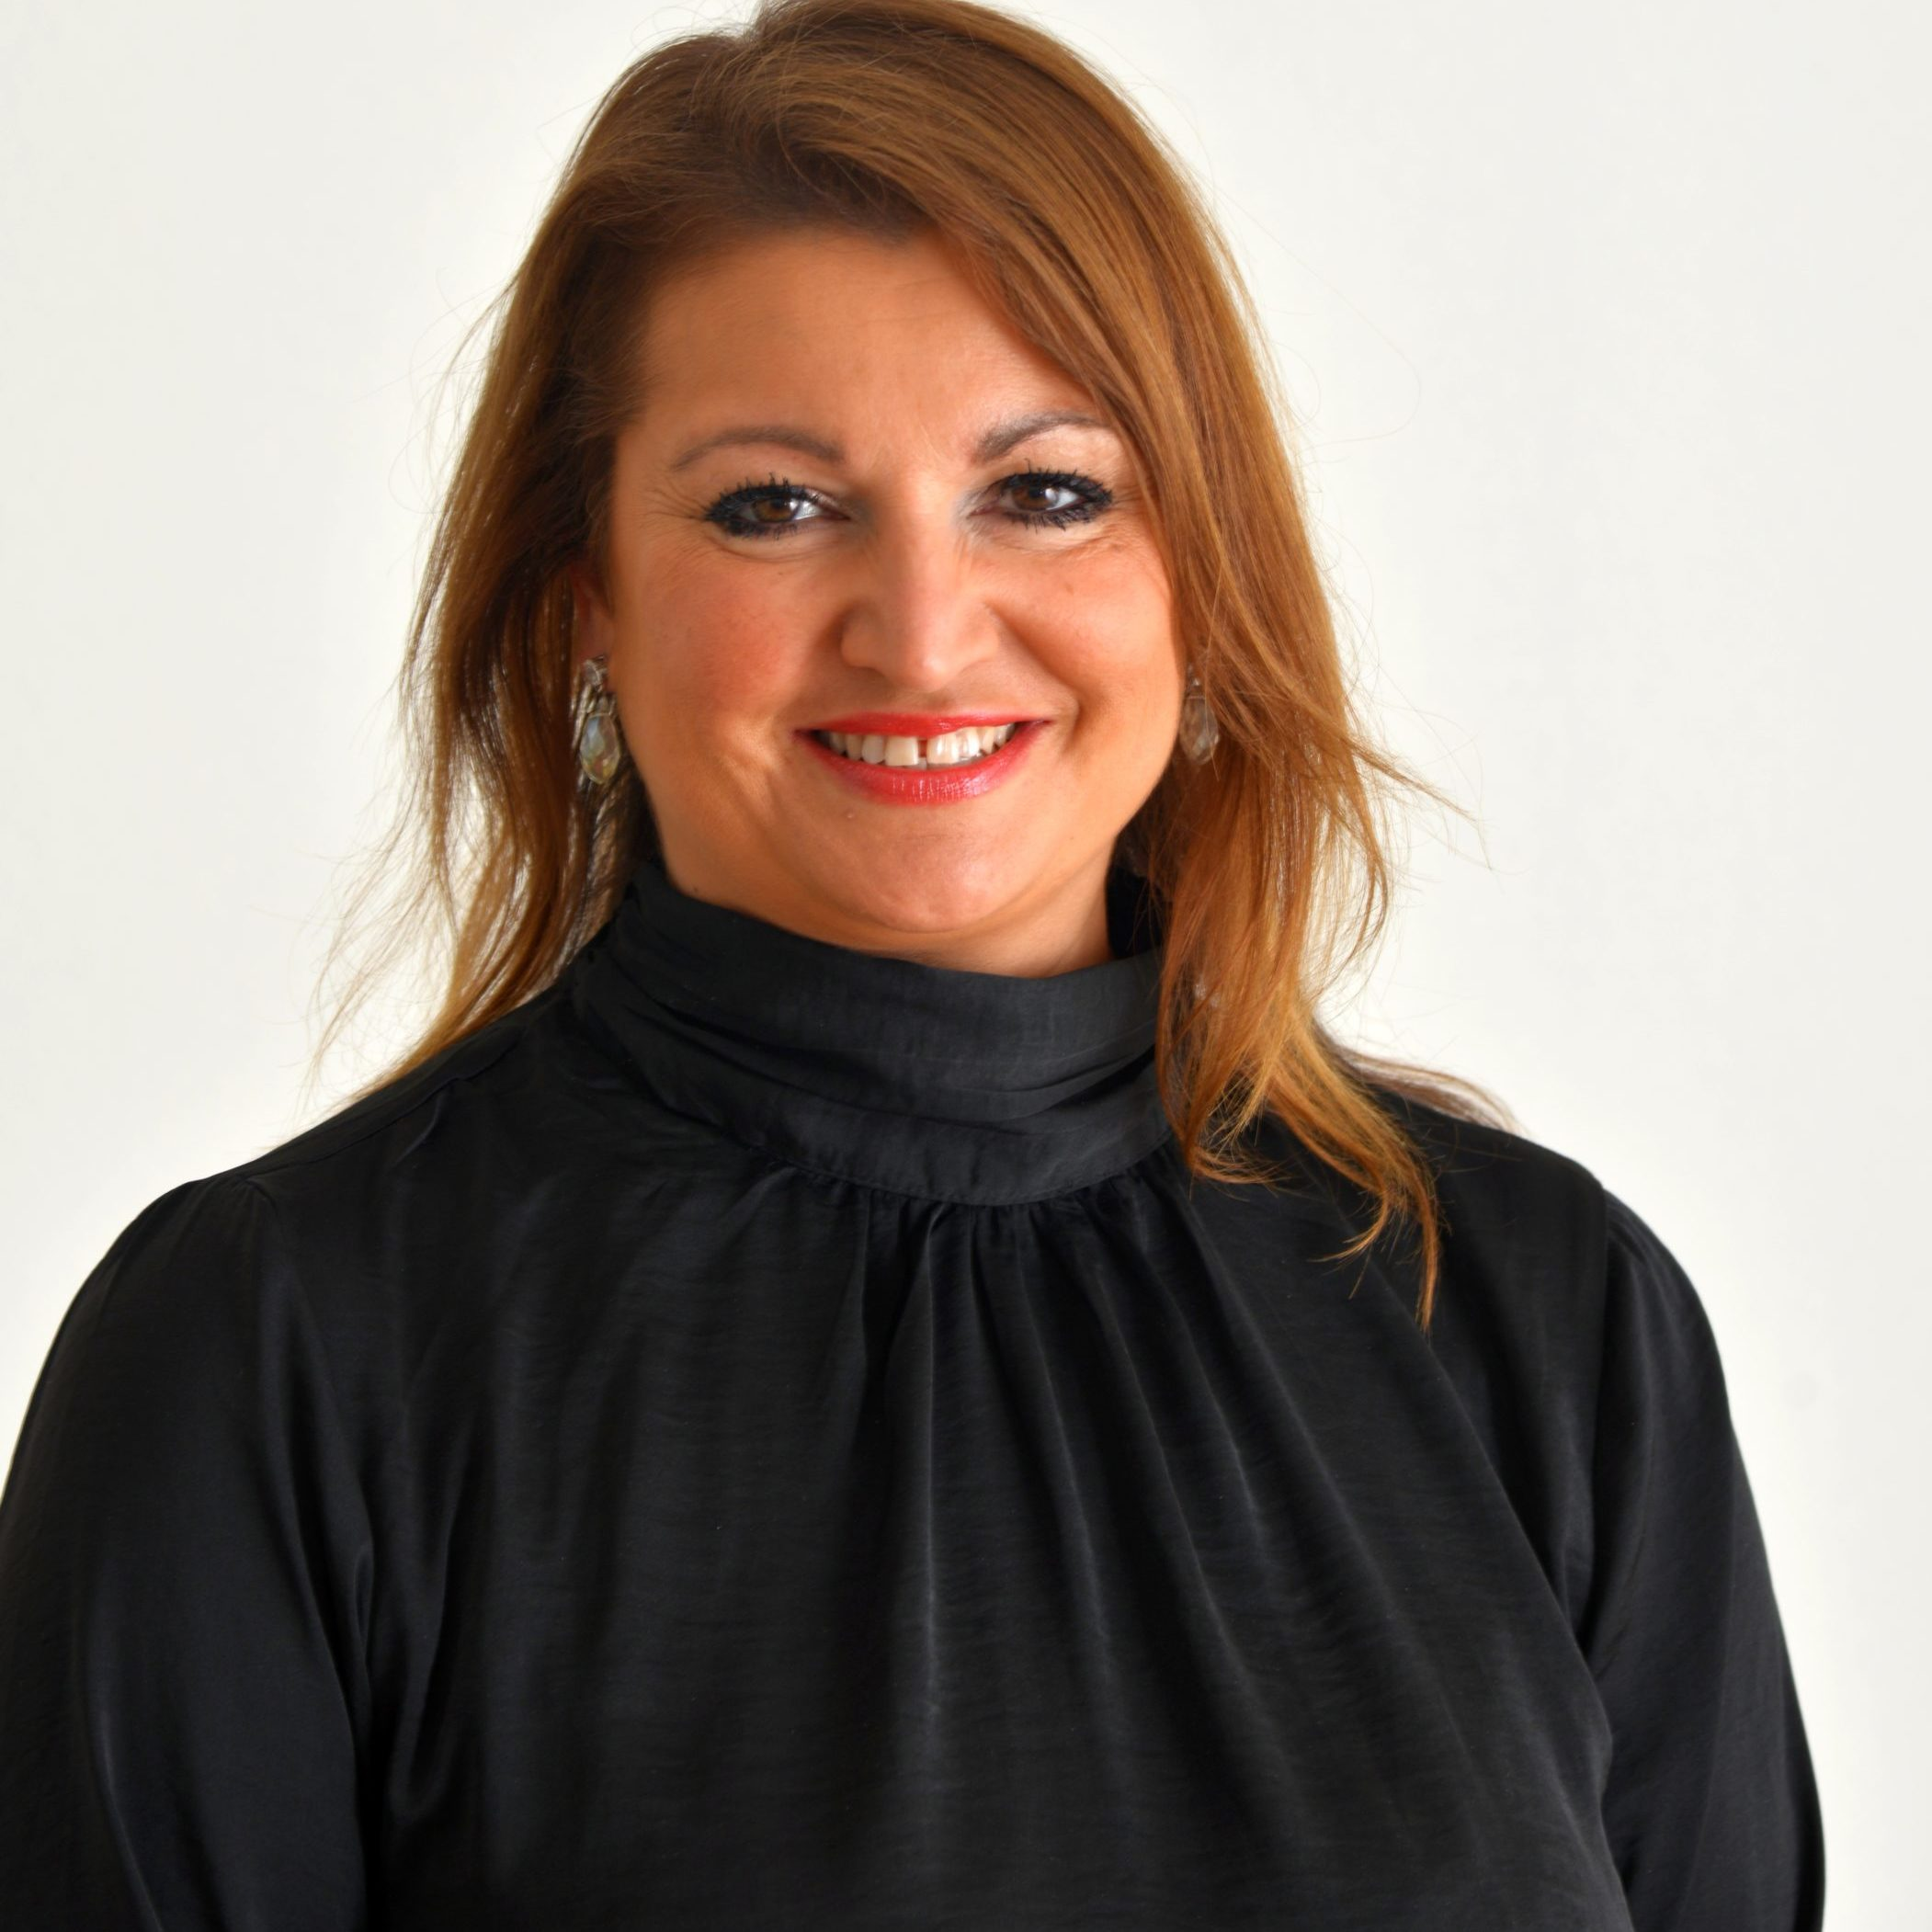 Maria Grasso